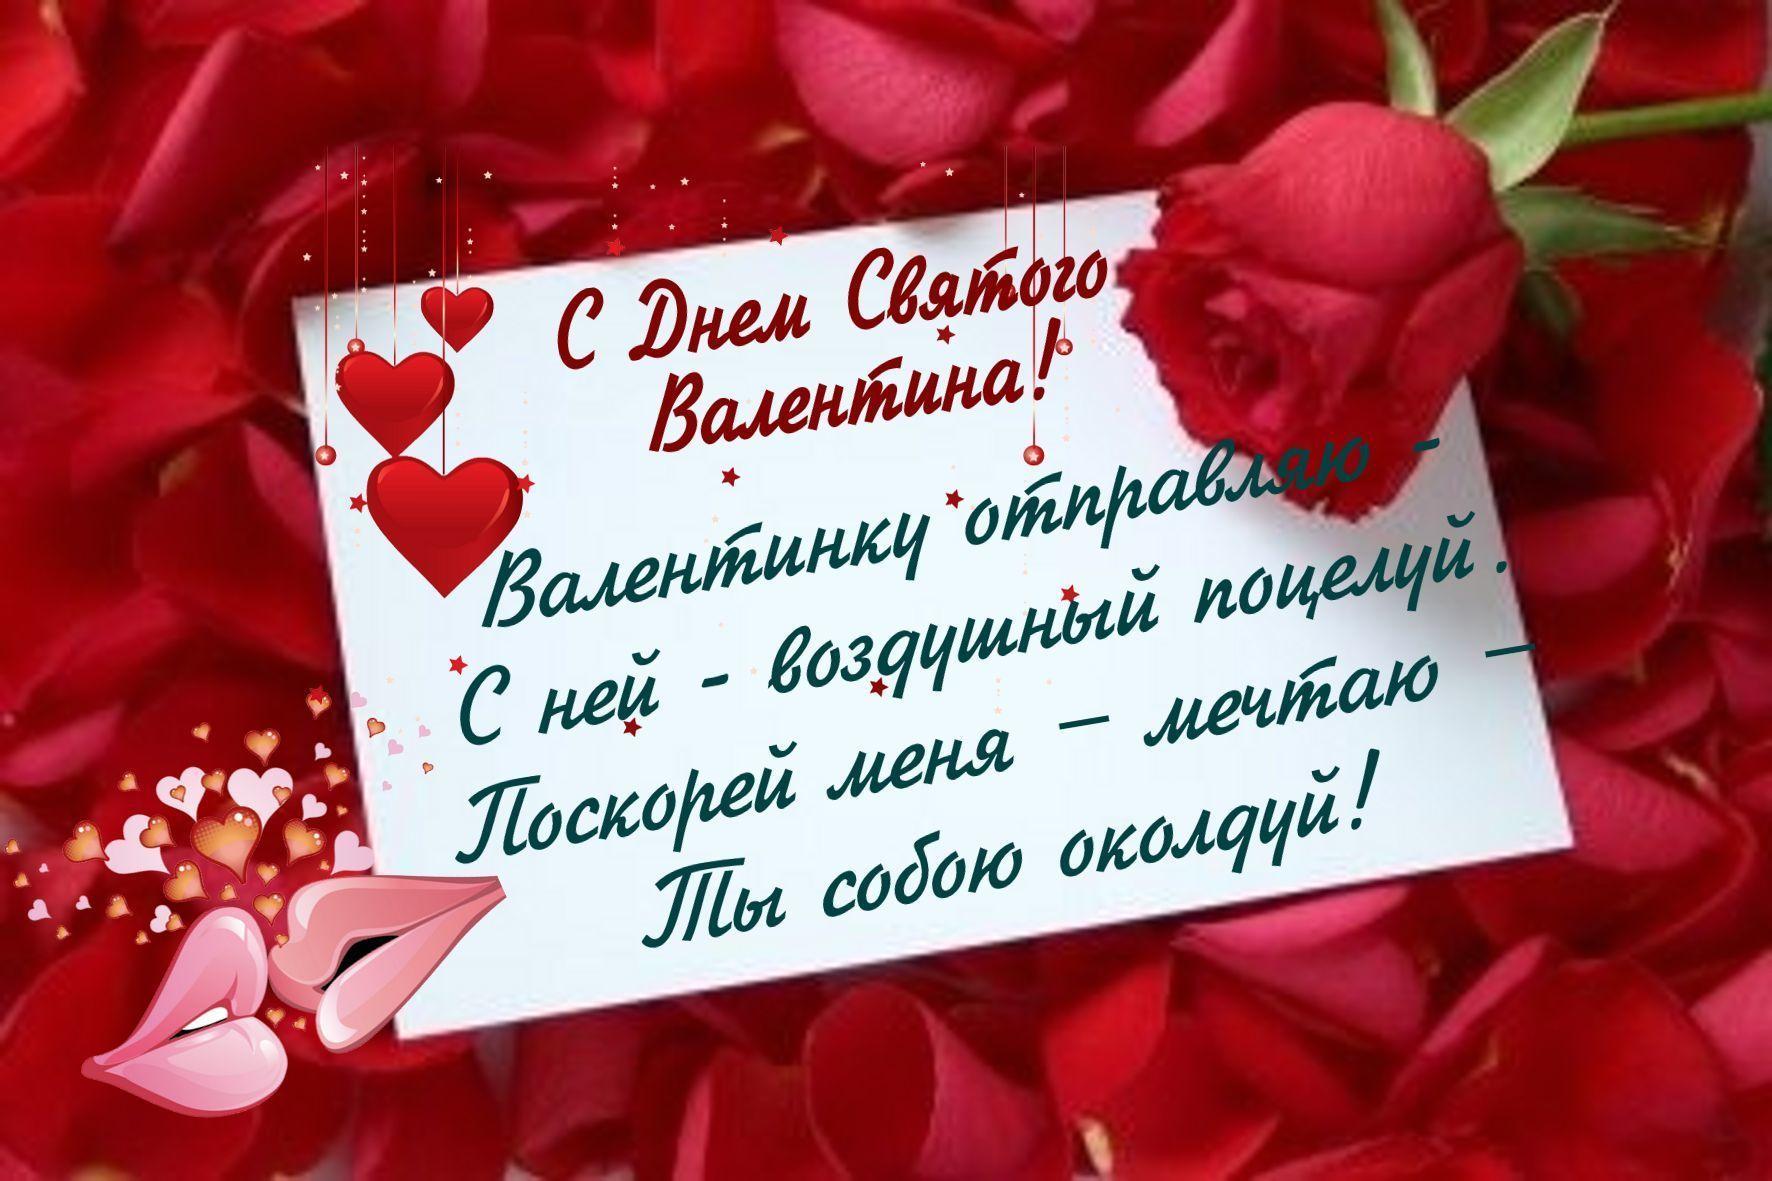 Подарки на день Святого Валентина идеи